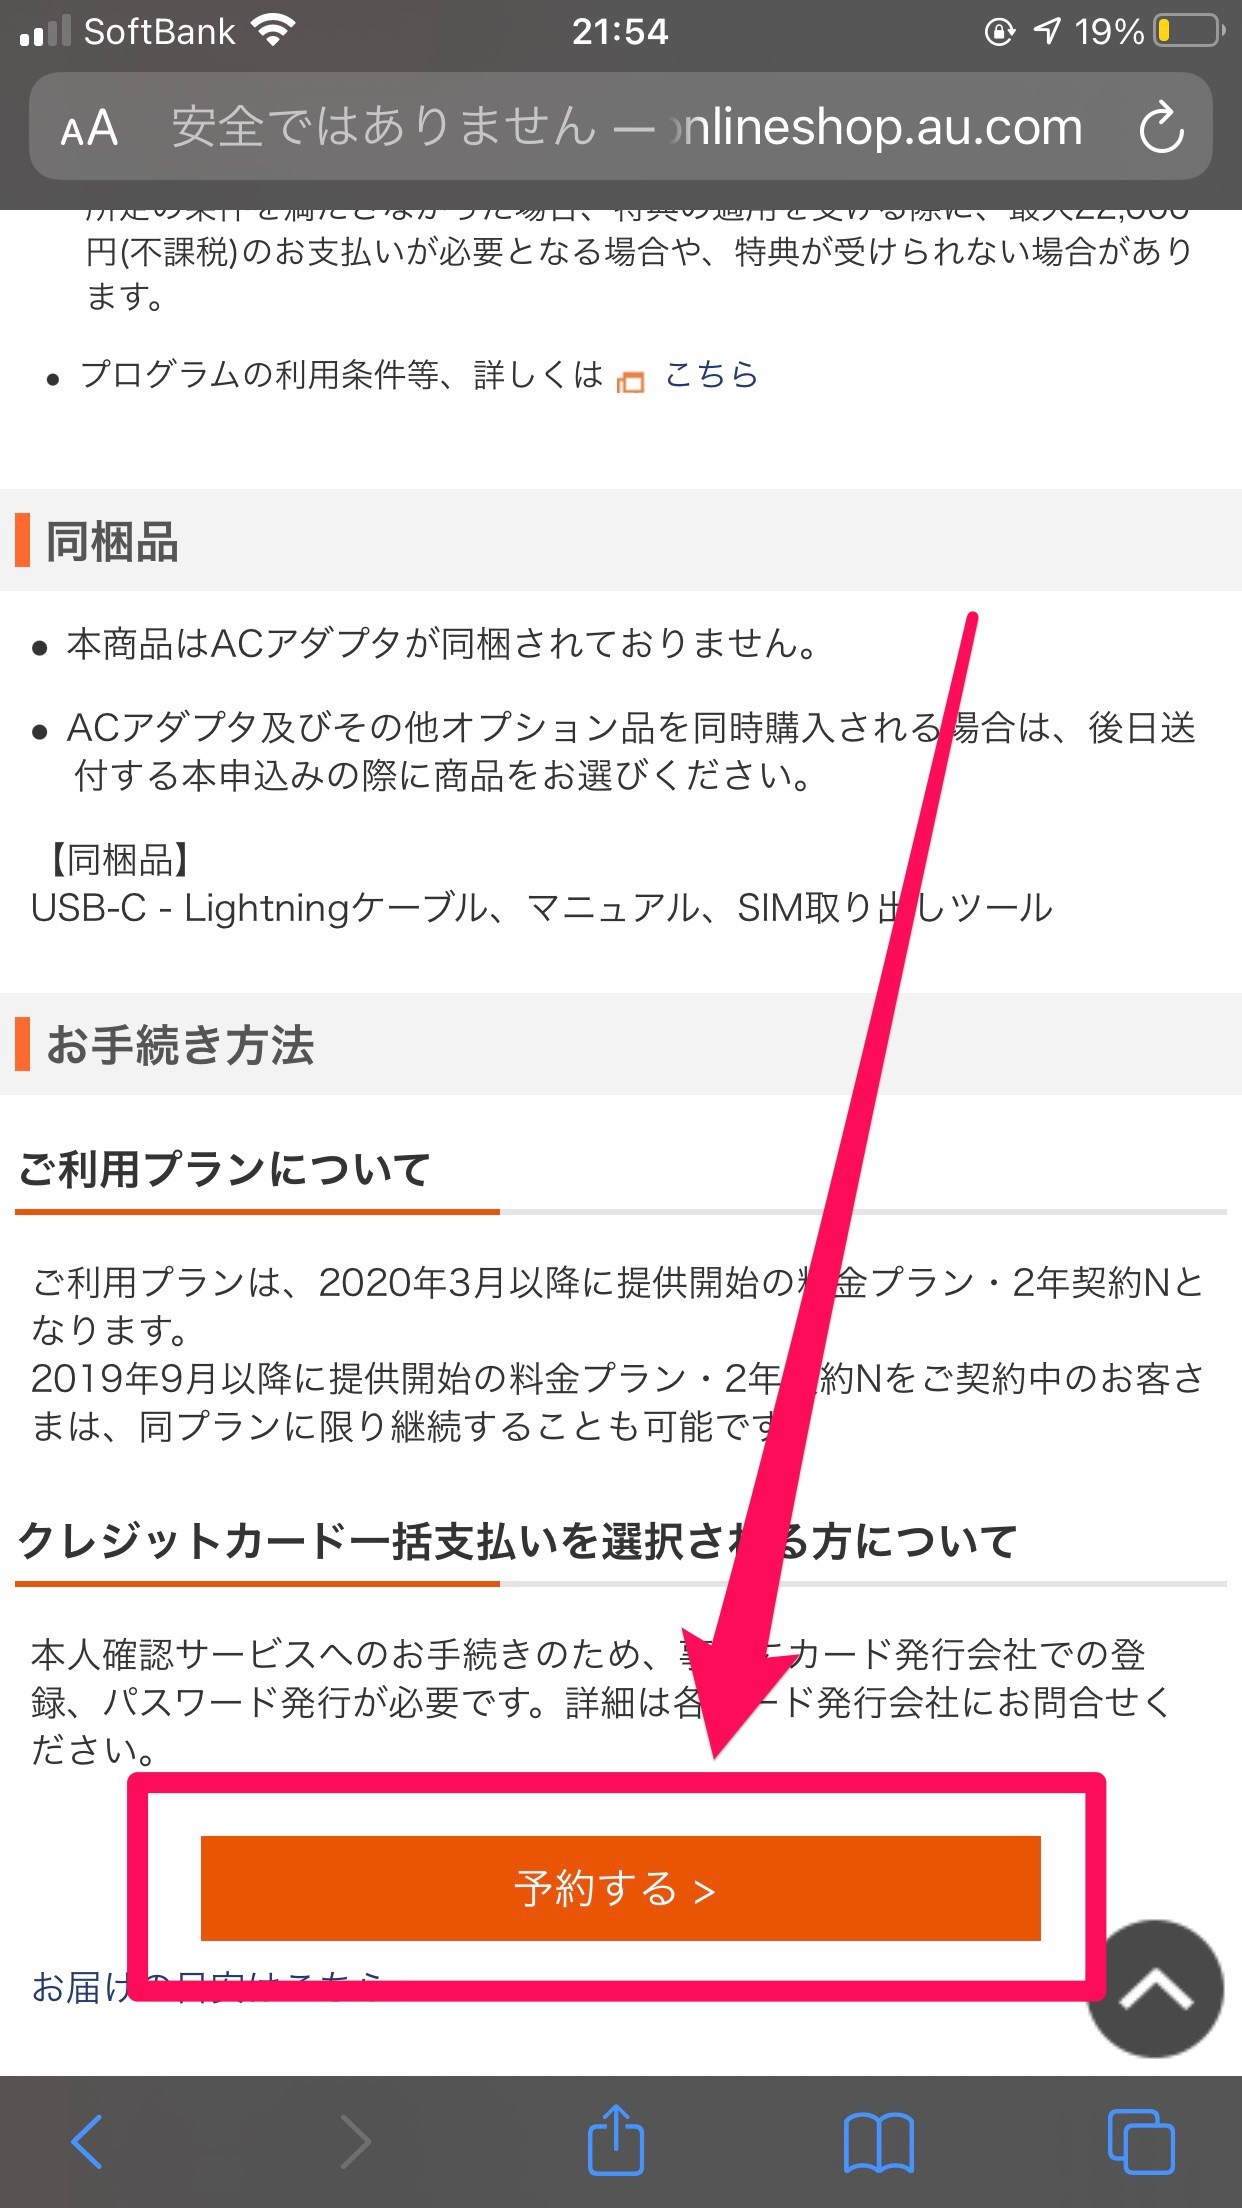 auオンラインショップでiPhone 12購入6